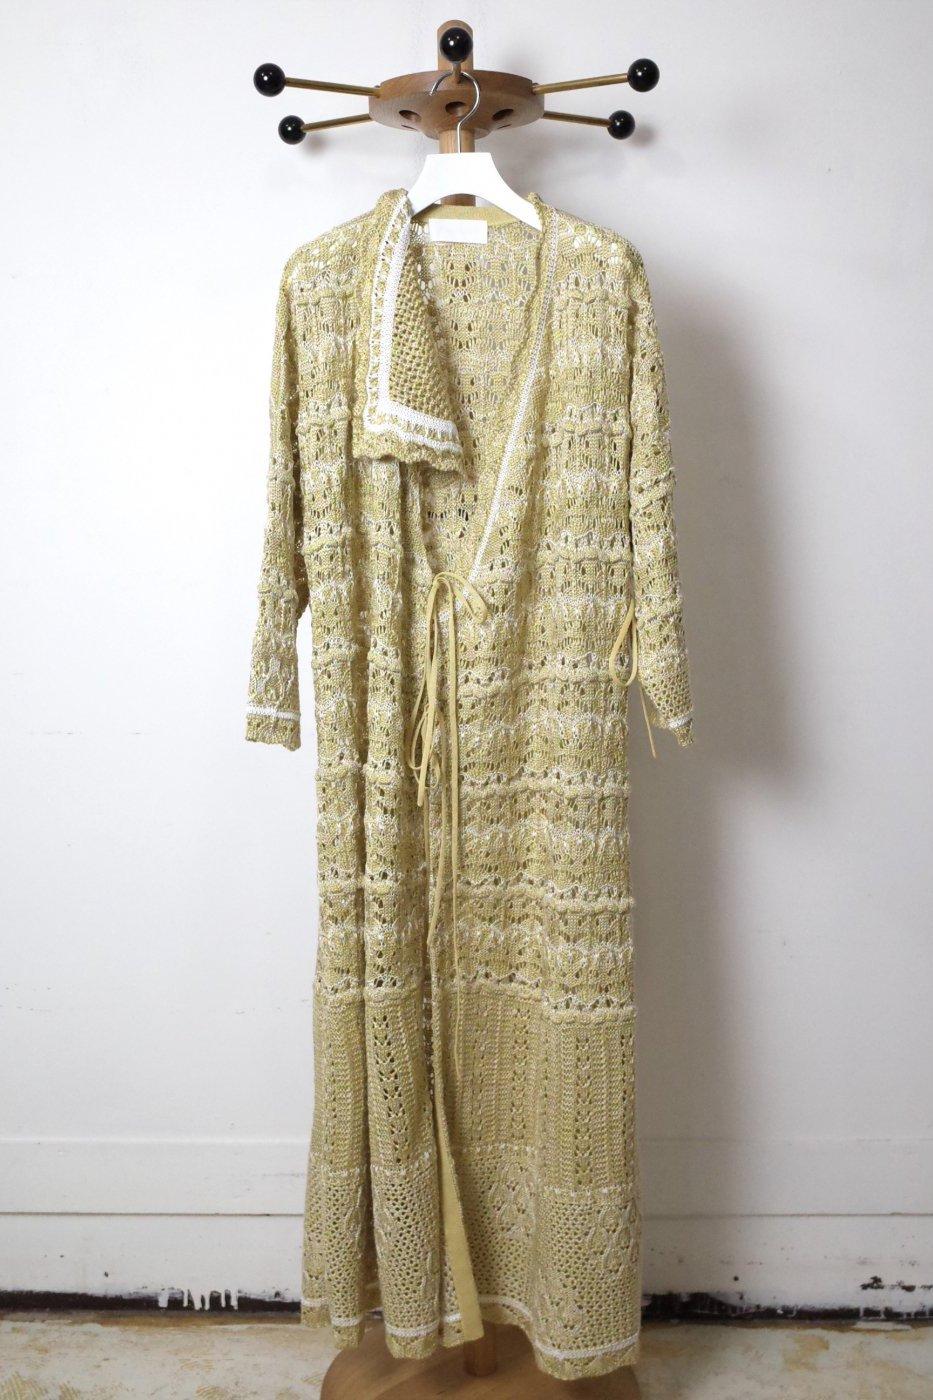 【SALE対象品】Mame Kurogouchi マメクロゴウチ-FLORAL WATERMARK WRAP FRONT KNITTED DRESS-YELLOW-